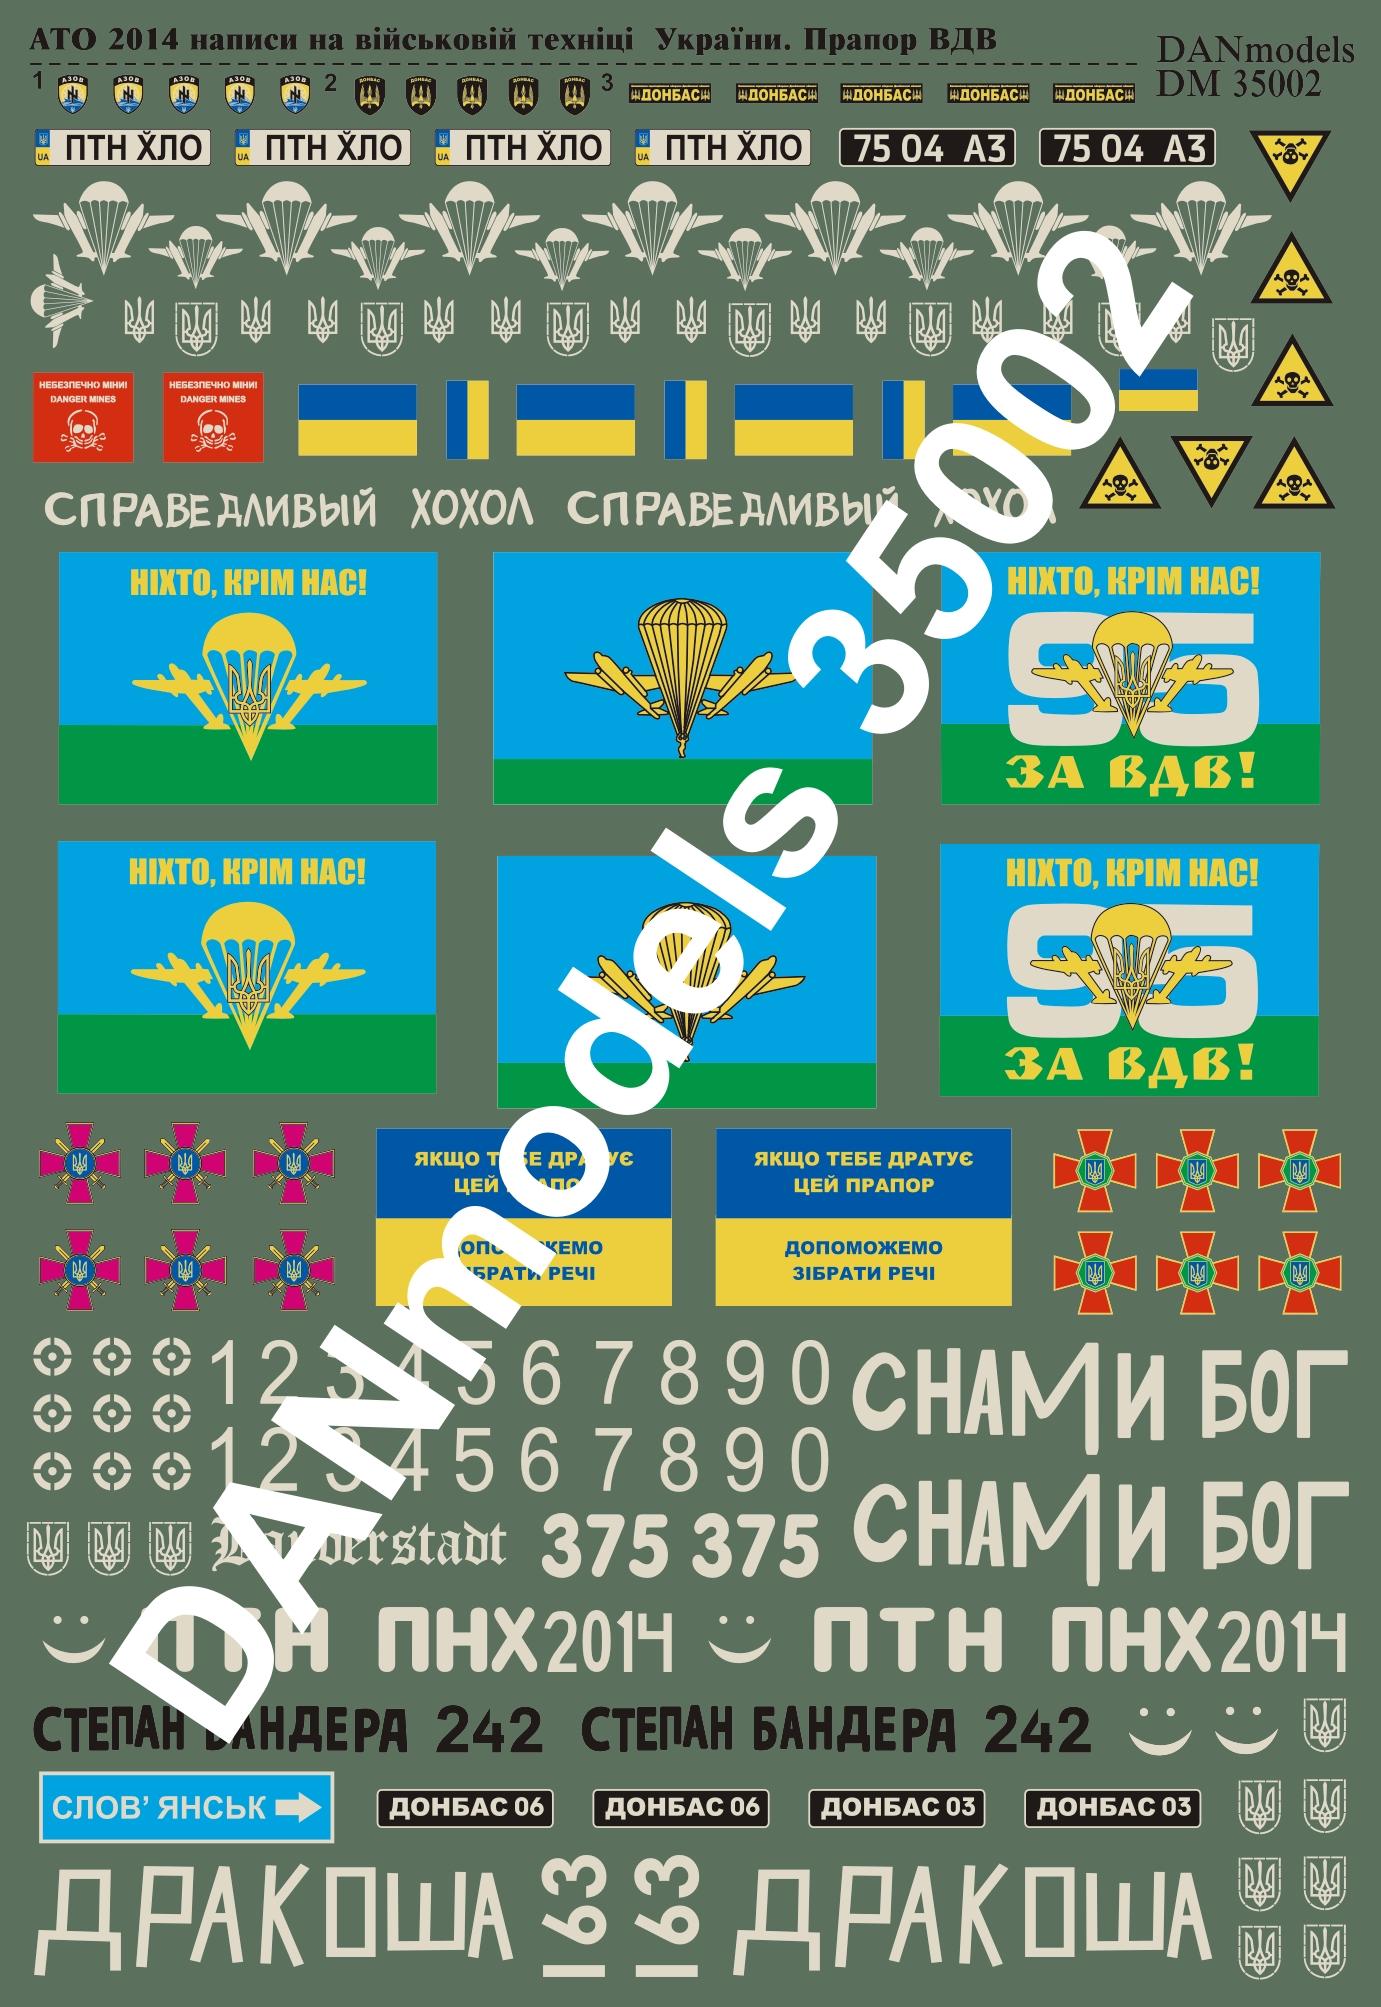 DANmodels DM 35002+